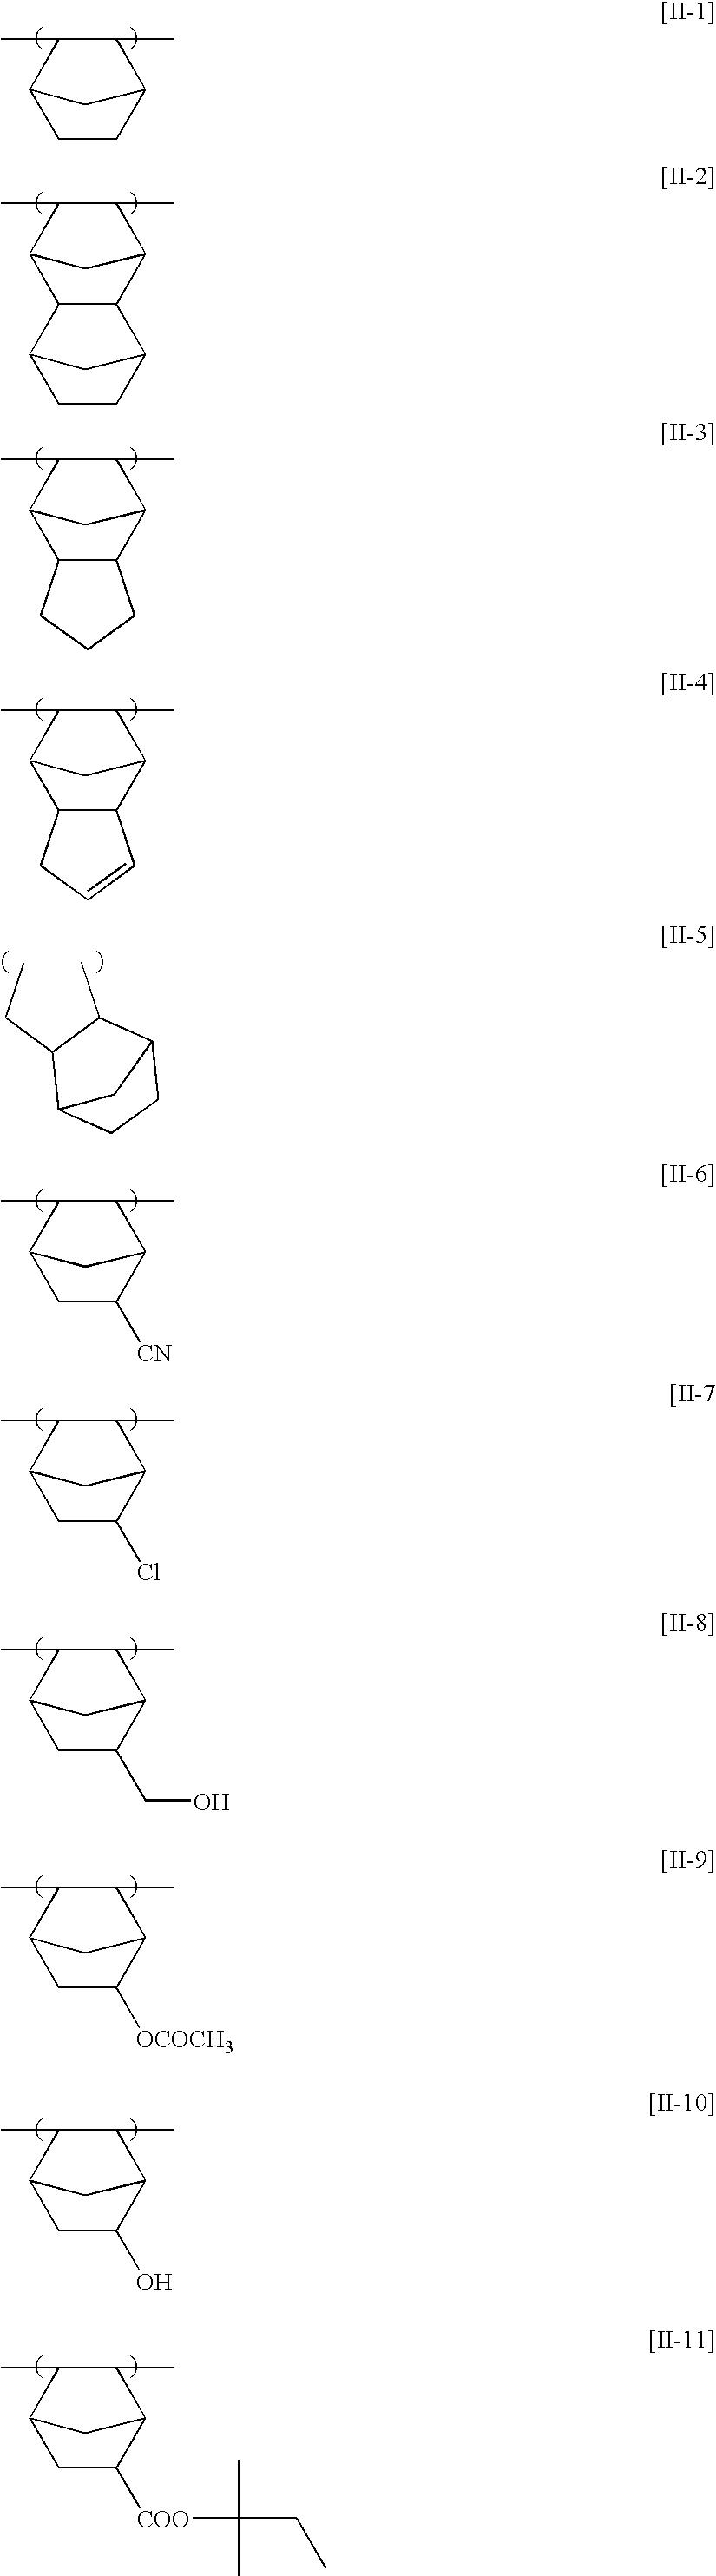 Figure US08741537-20140603-C00018